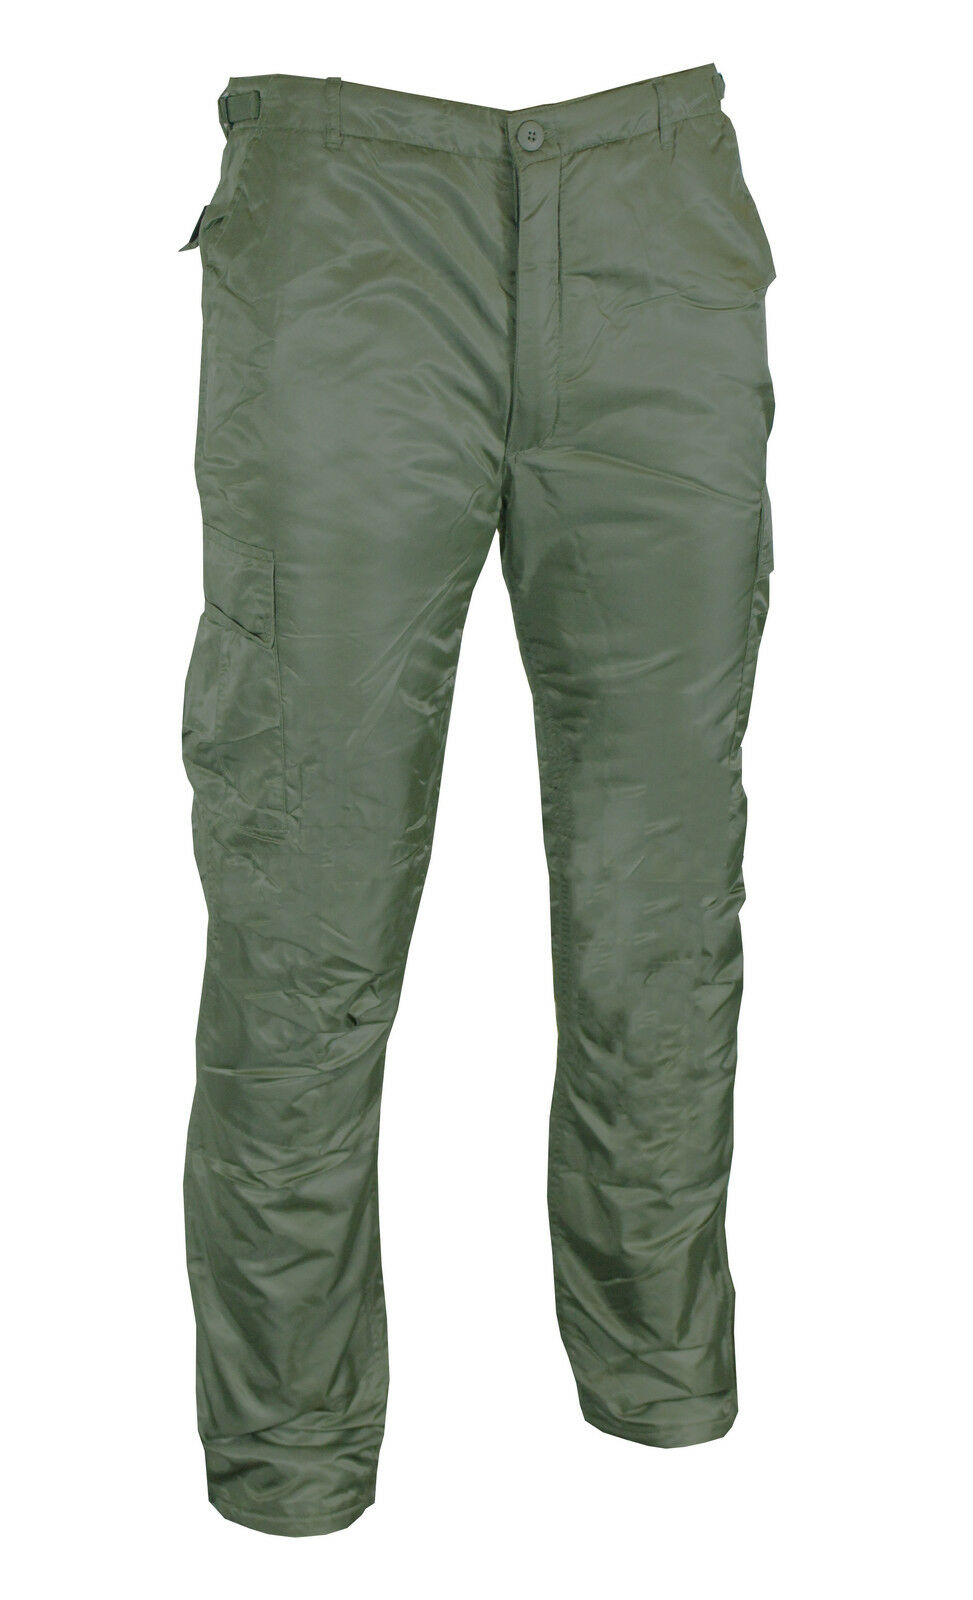 US MA1 green Oliva Inverno BDU Pantaloni - Foderato Imbottito Freddo Termico